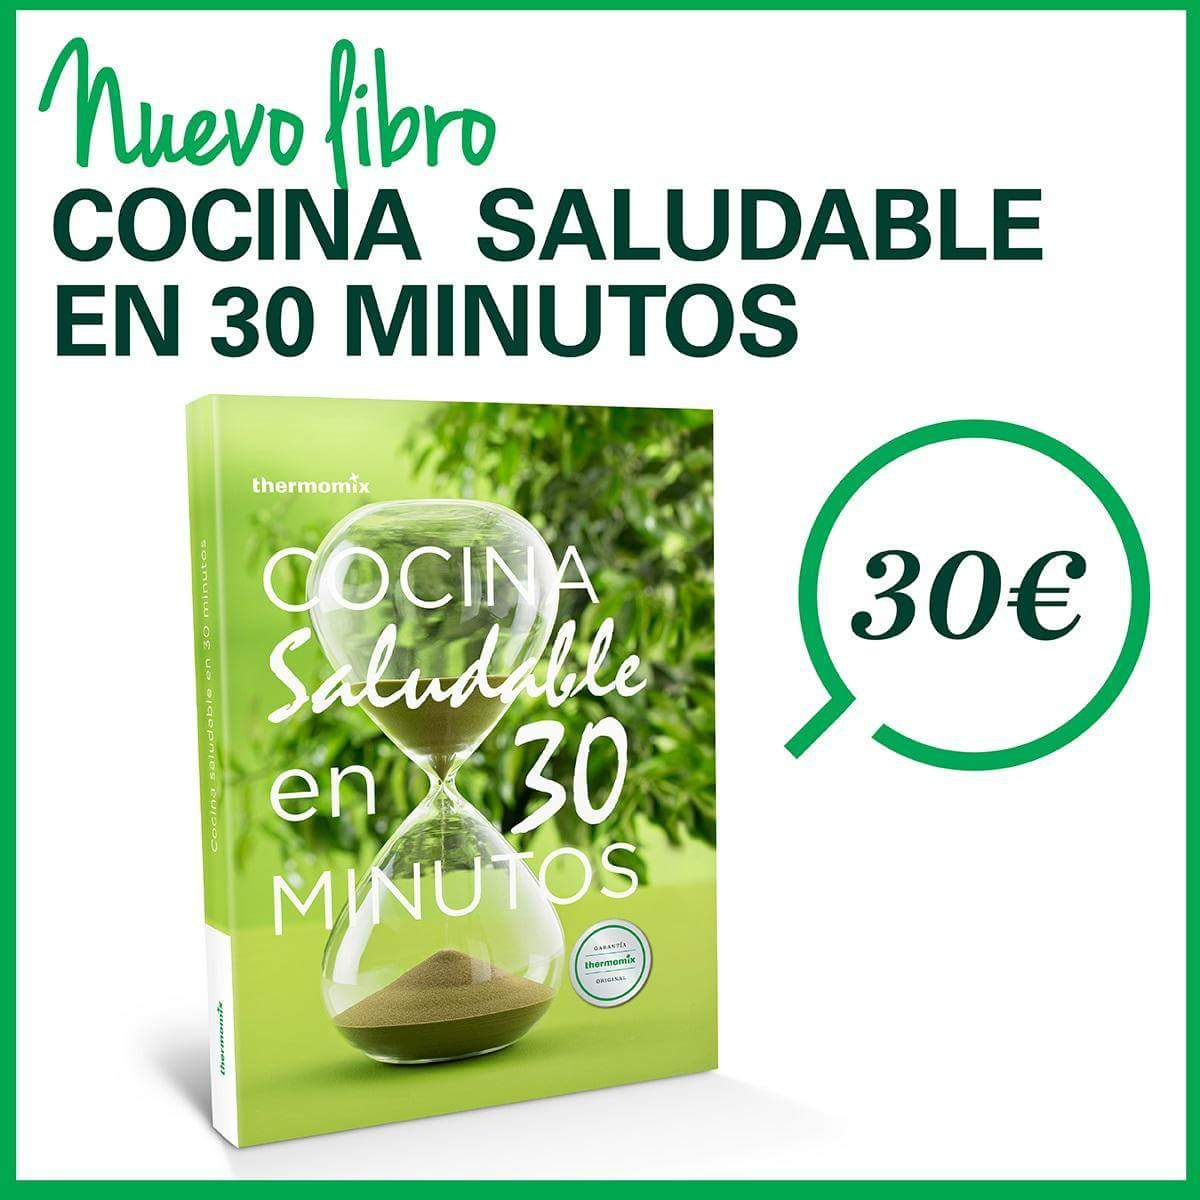 Nuevo libro cocina saludable en 30 minutos noticias for Cocina saludable en 30 minutos thermomix